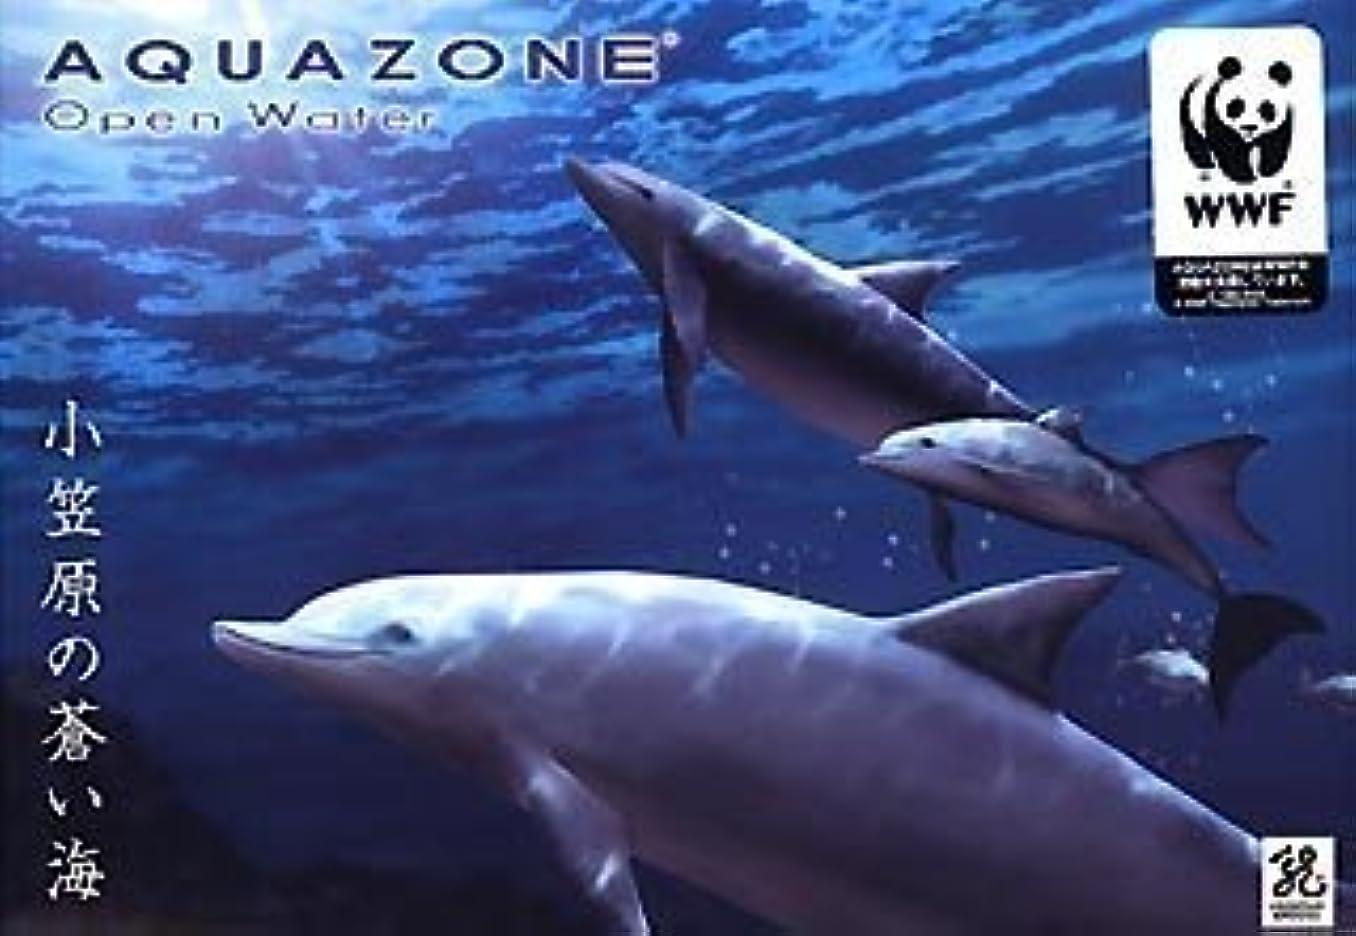 収束する創傷抹消AQUAZONE Open Water 小笠原の蒼い海